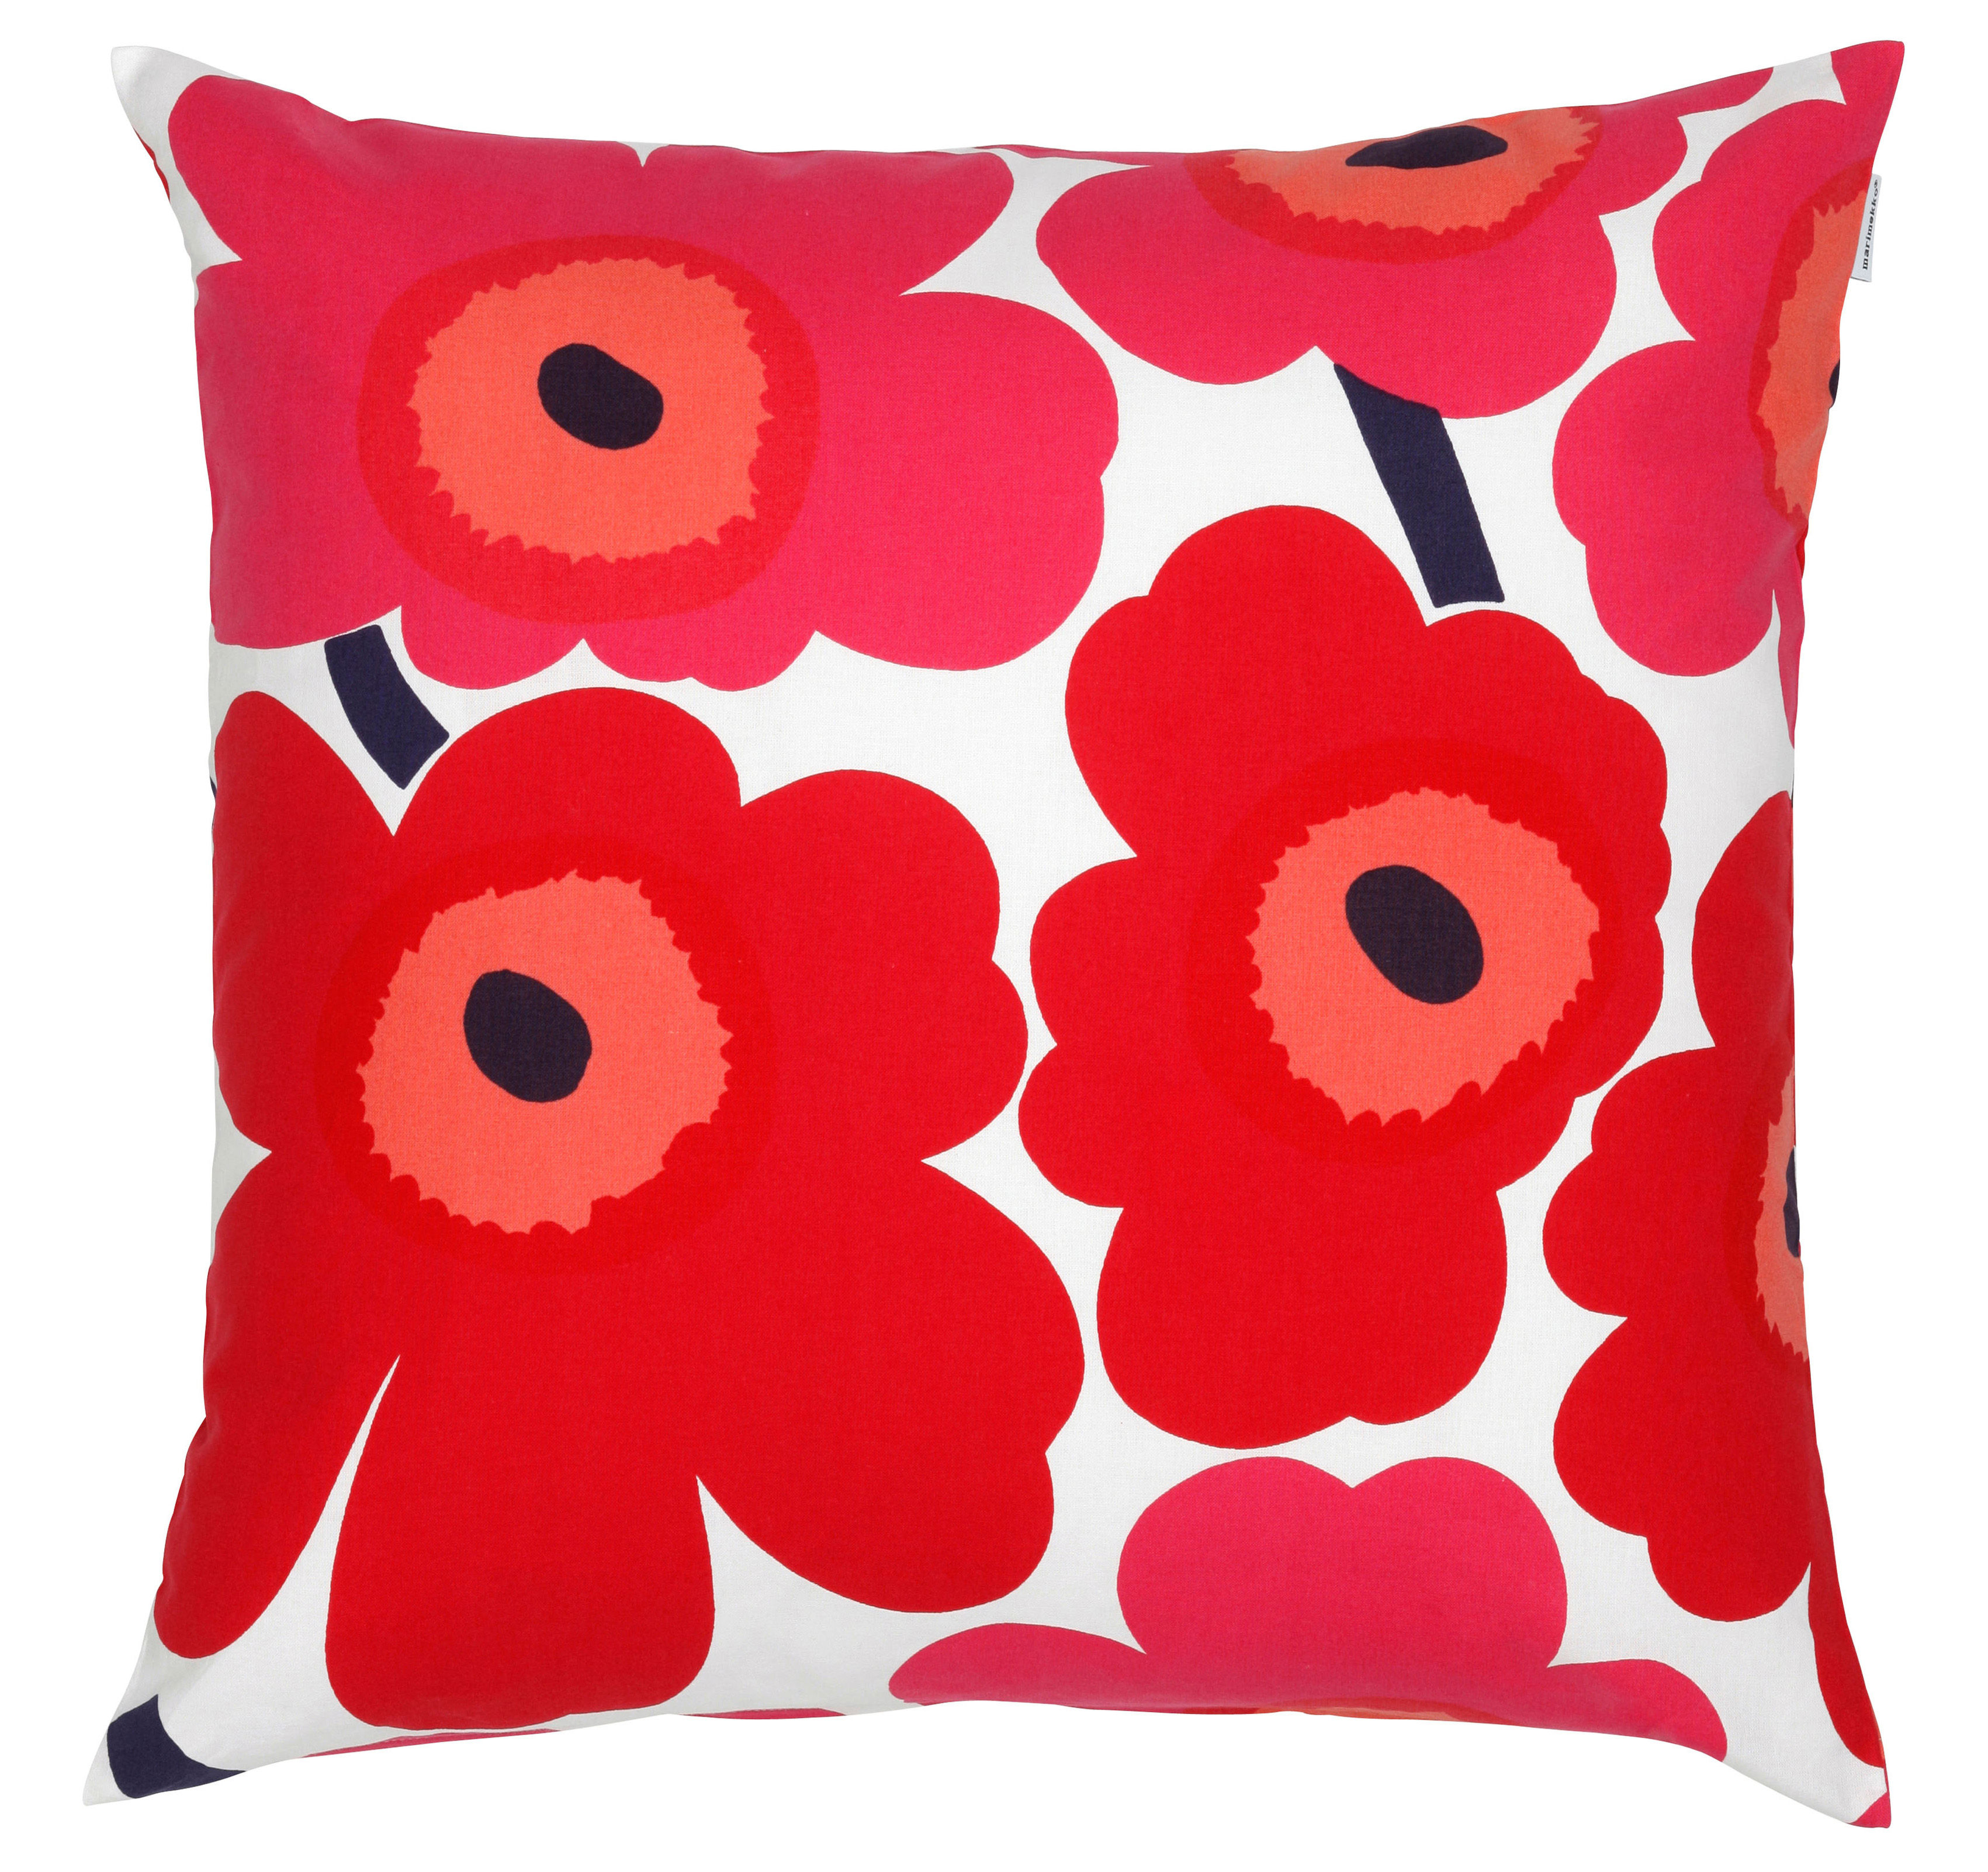 Decoration - Cushions & Poufs - Pieni Unikko Cushion - 50 x 50 cm by Marimekko - Pieni Unikko - Red & white - Cotton